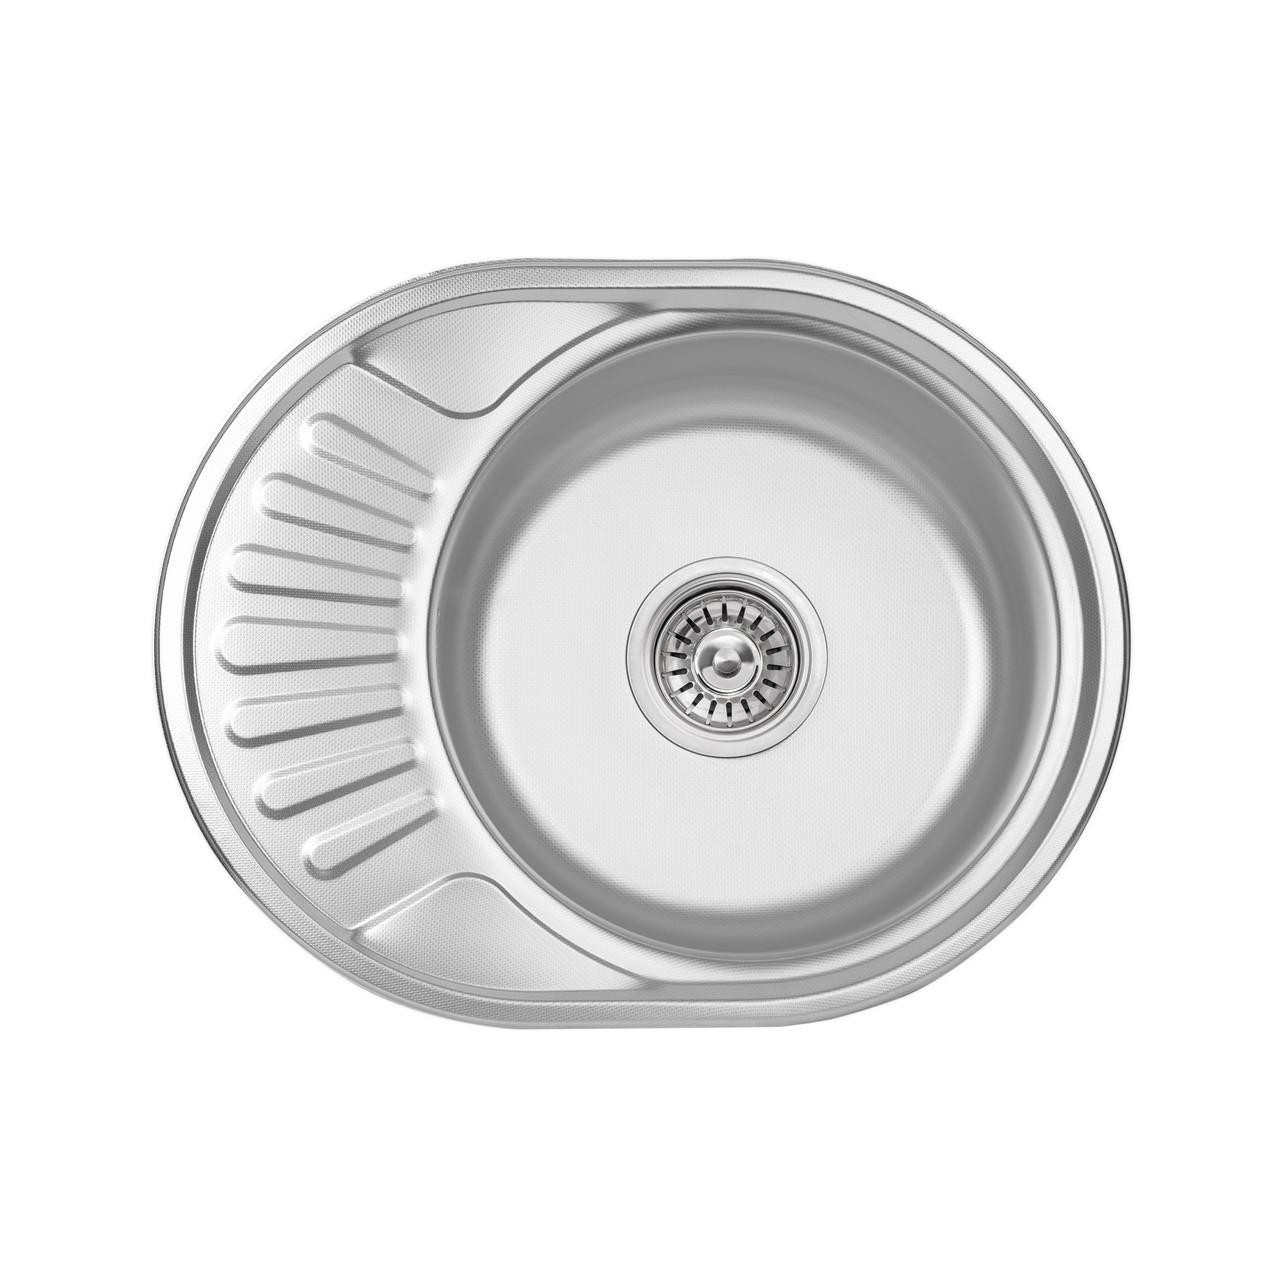 Кухонна мийка Lidz 5745 0,6 мм Decor (LIDZ574506DEC)